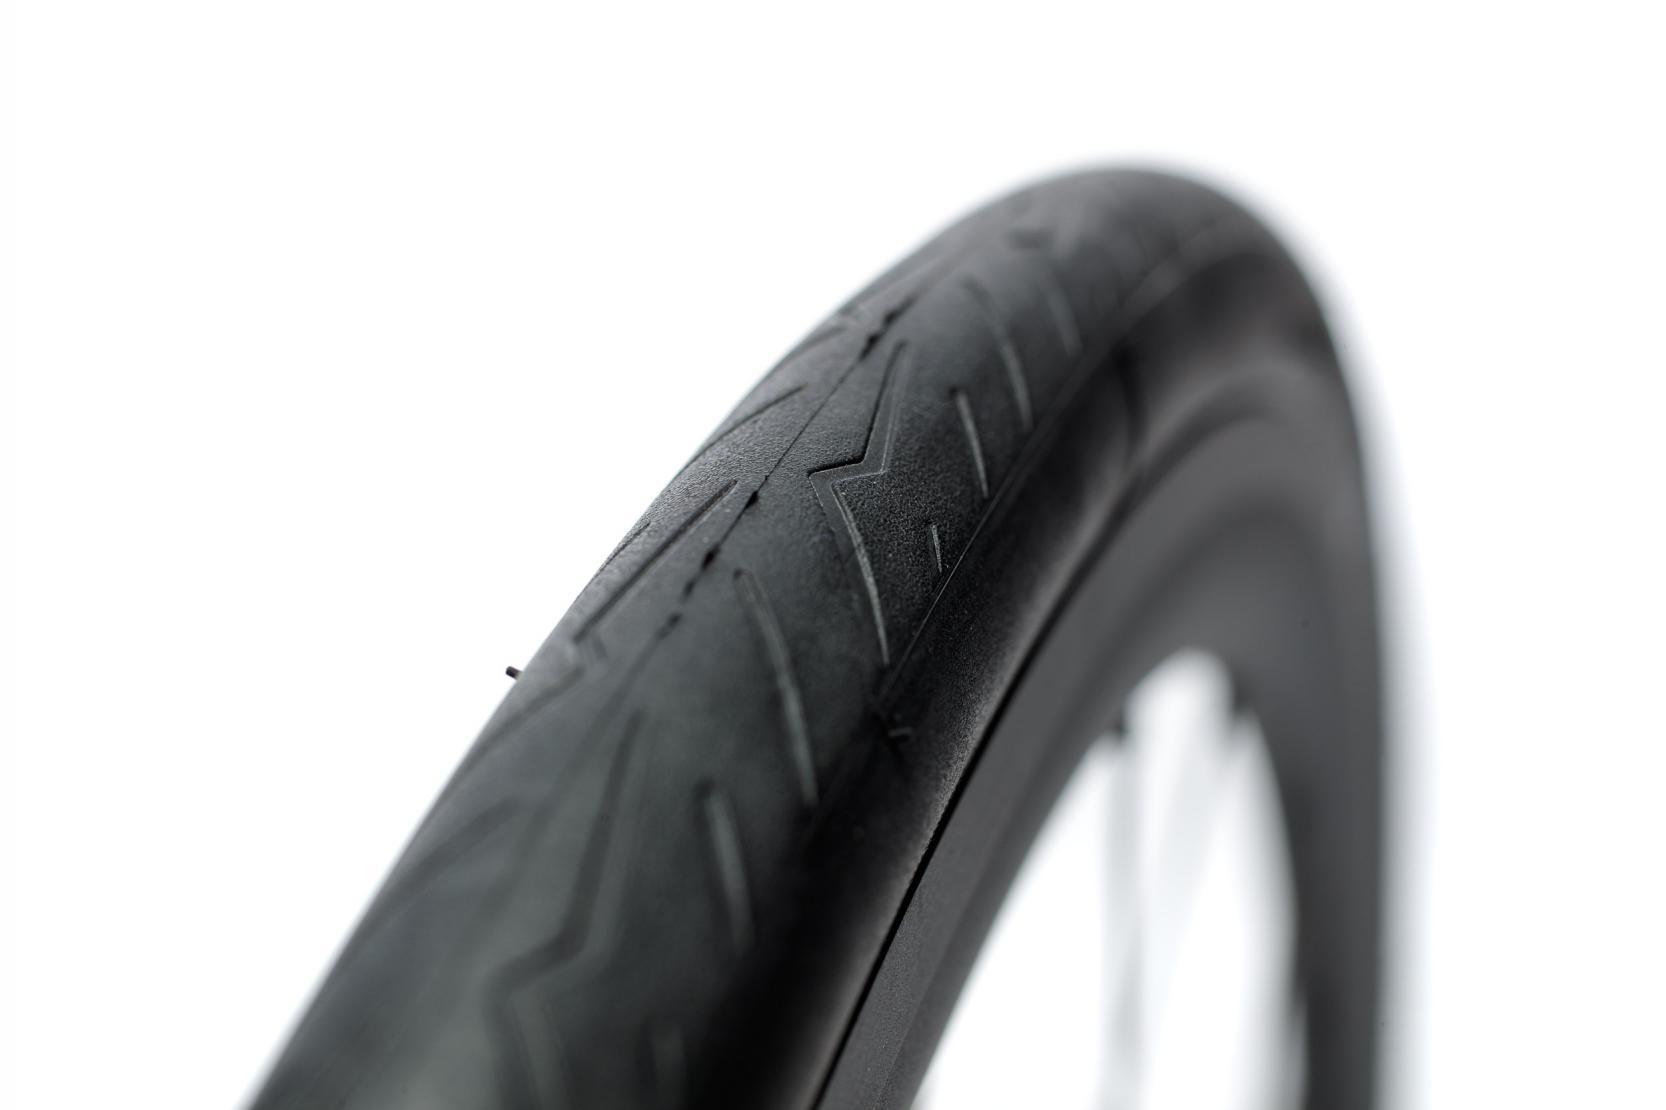 ... und kontrollieren, ob der Reifen perfekt eingerastet ist und rund läuft.